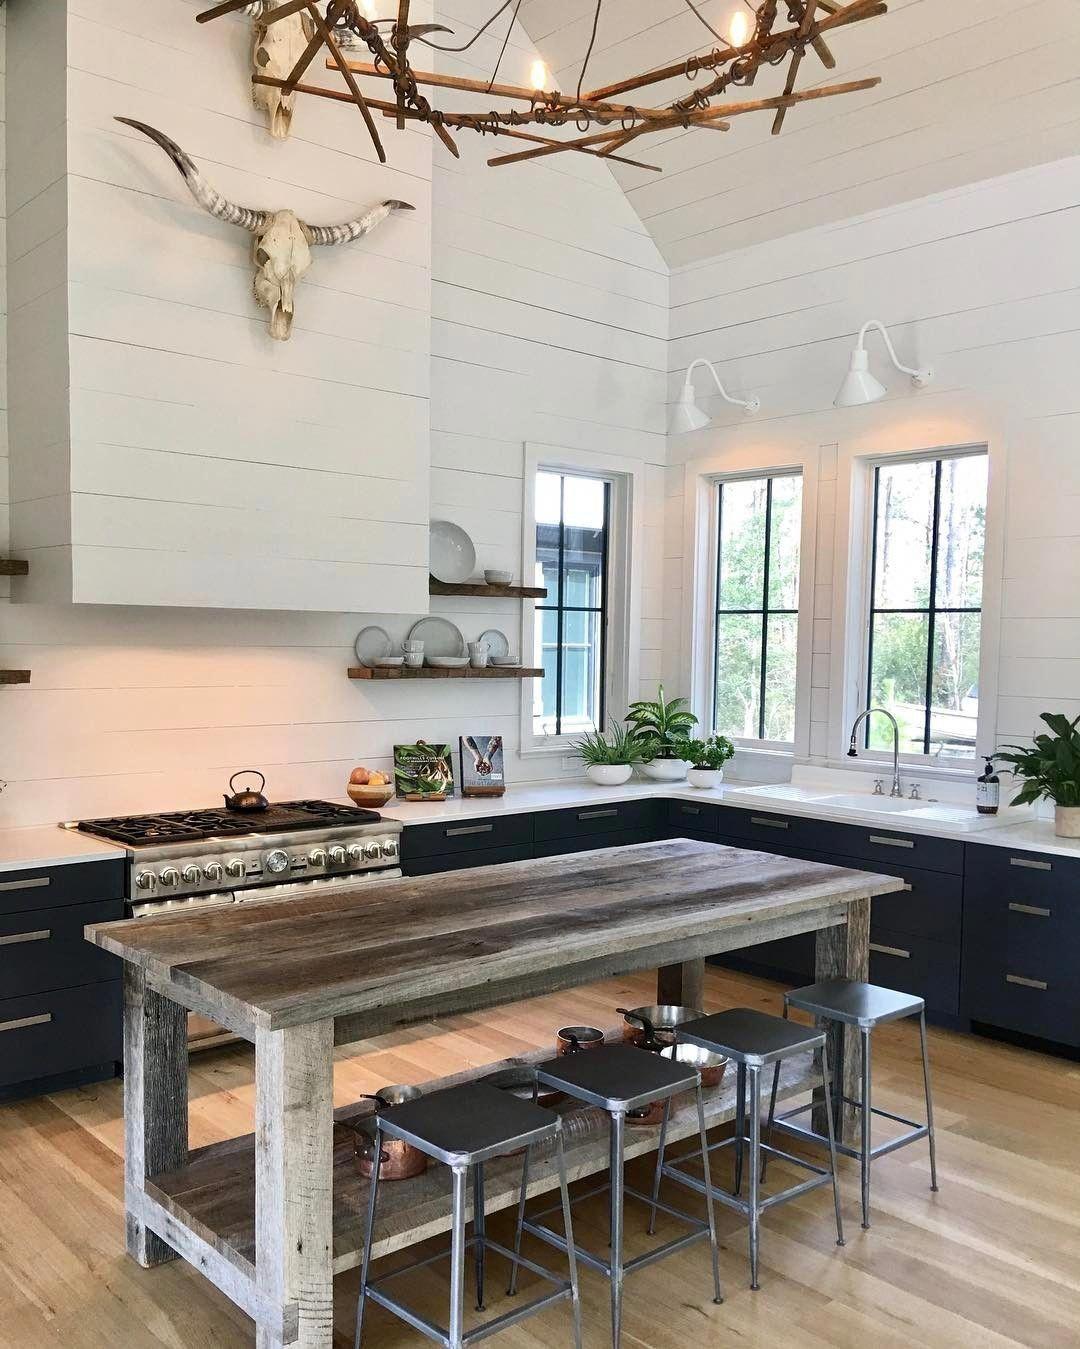 ModernHomeDecorKitchen Modern kitchen renovation